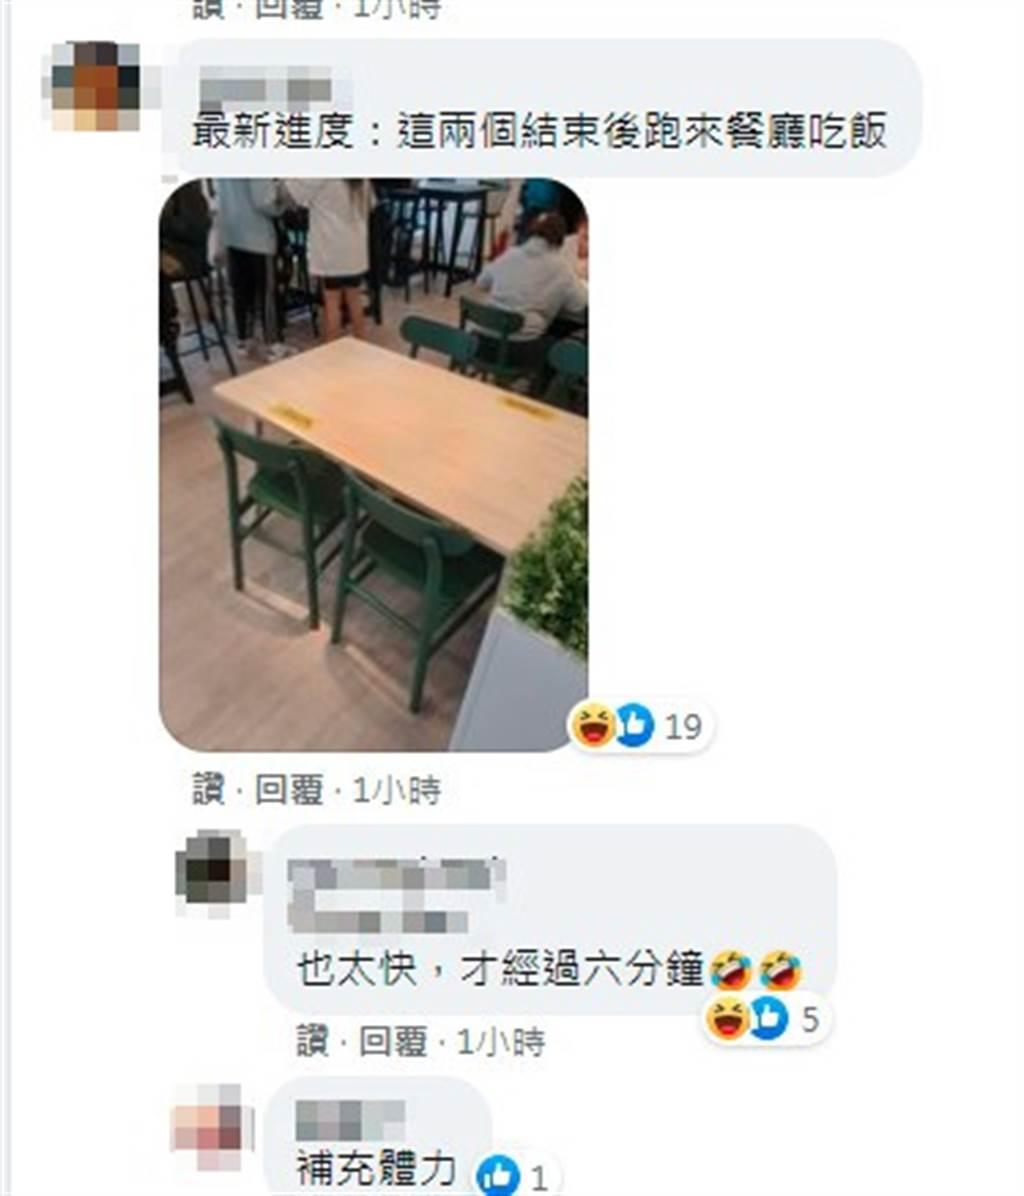 有網友在店內捕獲這一對小情侶。(圖擷取自爆怨公社)